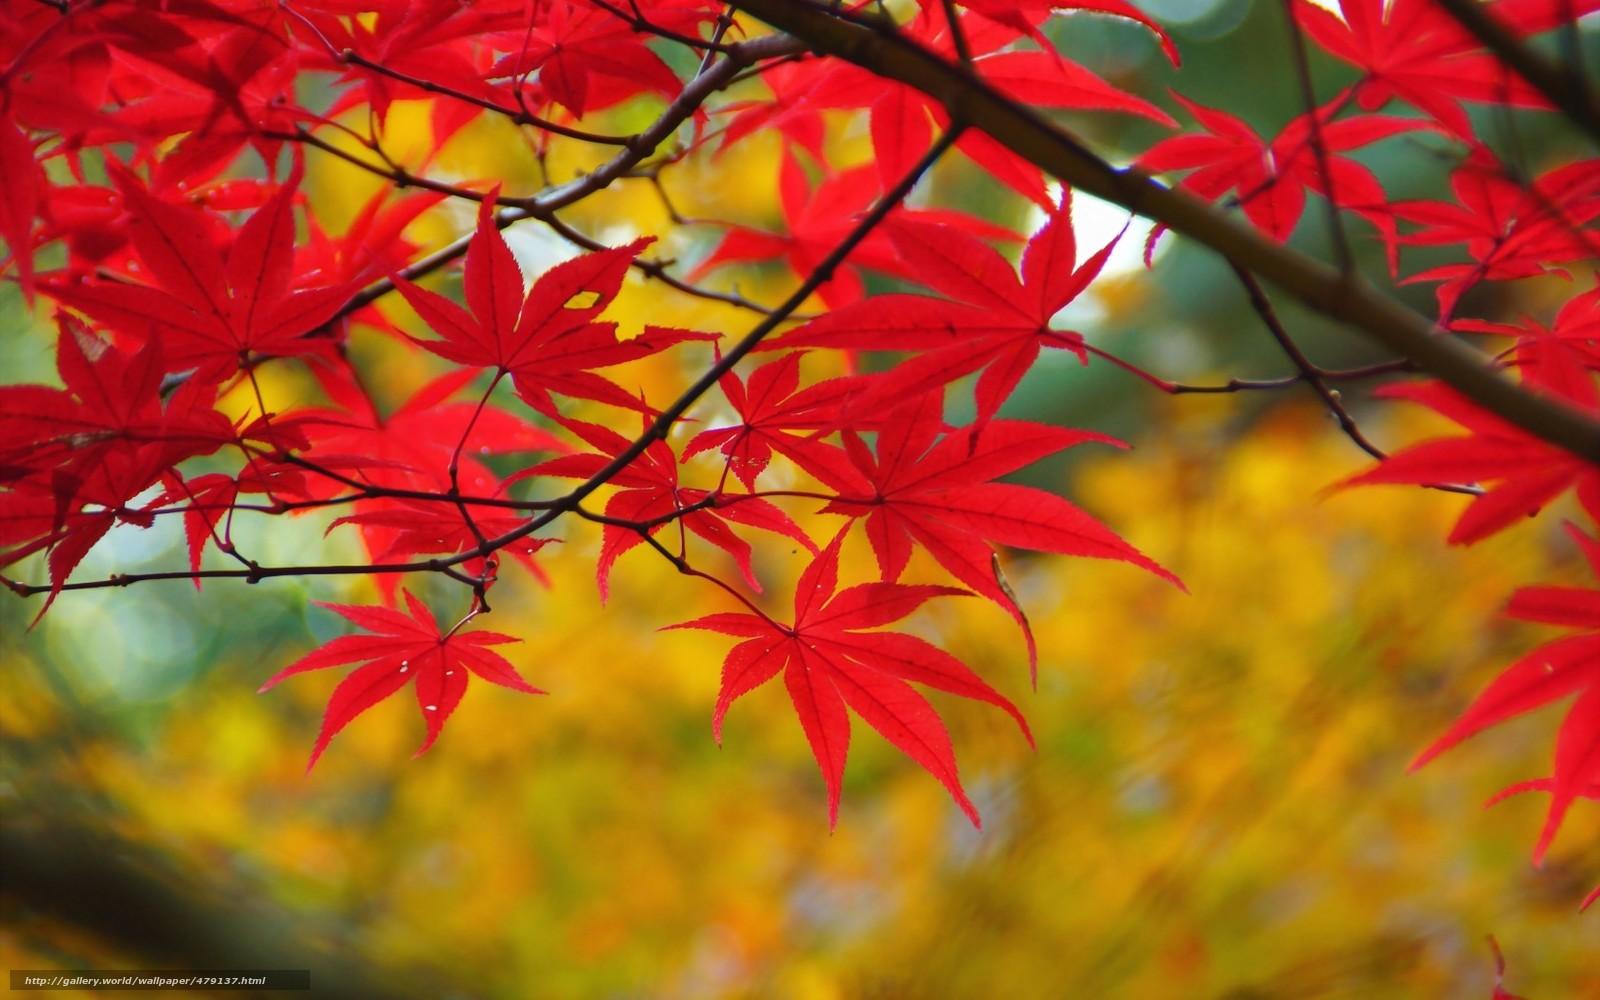 Scaricare gli sfondi acero fogliame autunno rosso for Foto per desktop gratis autunno